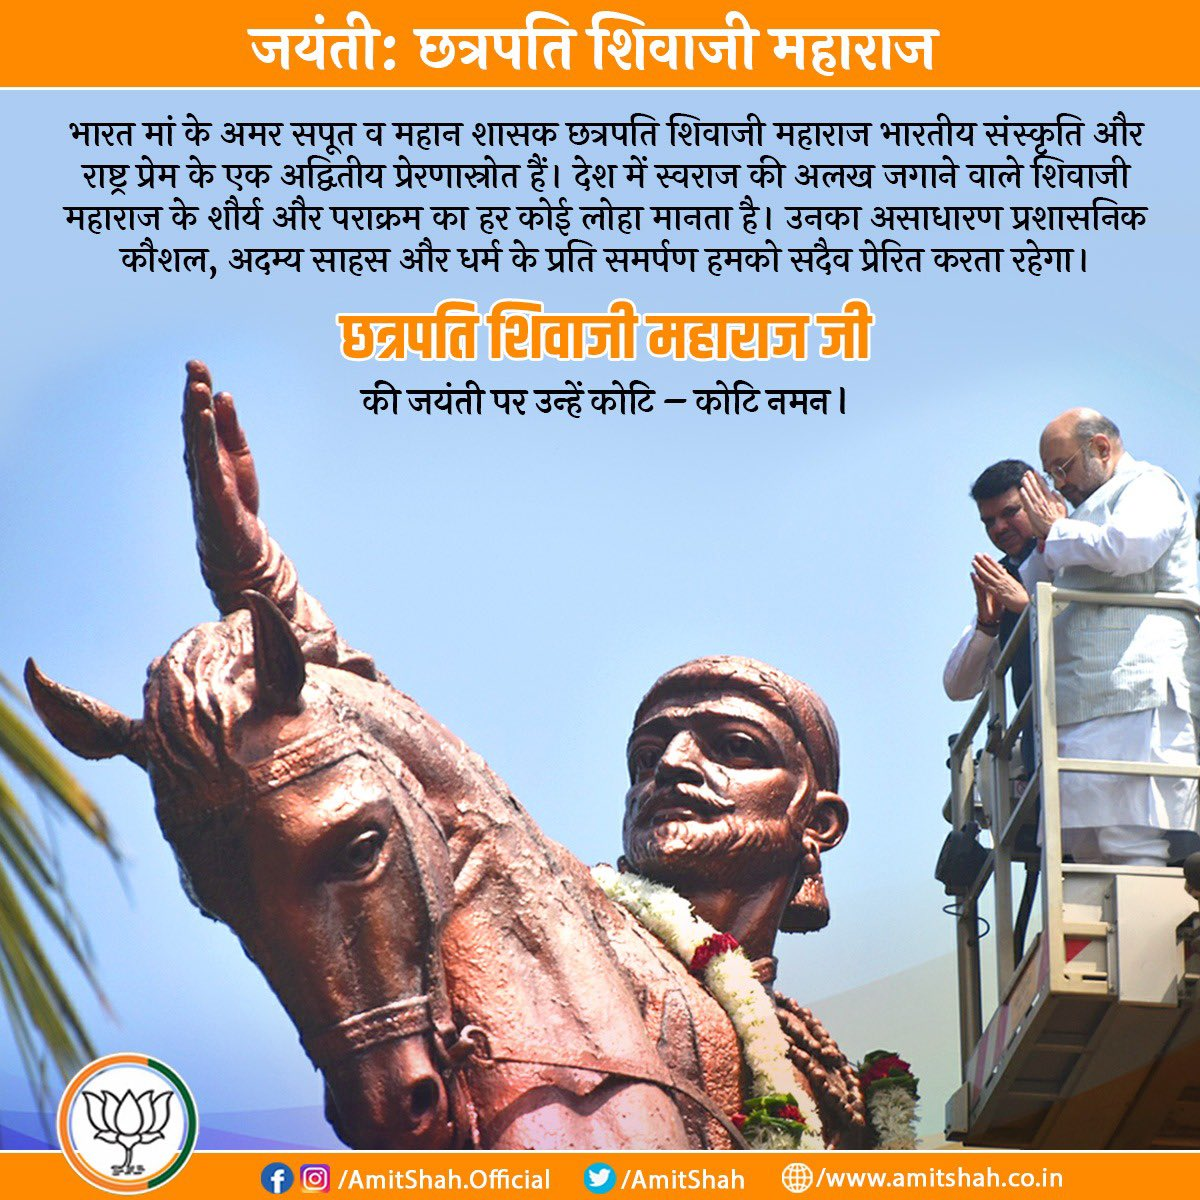 छत्रपति शिवाजी महाराज भारतीय संस्कृति और राष्ट्र प्रेम के एक अद्वितीय प्रेरणास्रोत हैं। देश में स्वराज की अलख जगाने वाले शिवाजी महाराज के शौर्य और पराक्रम का हर कोई लोहा मानता है। उनका असाधारण प्रशासनिक कौशल, अदम्य साहस और धर्म के प्रति समर्पण हमको सदैव प्रेरित करता रहेगा।